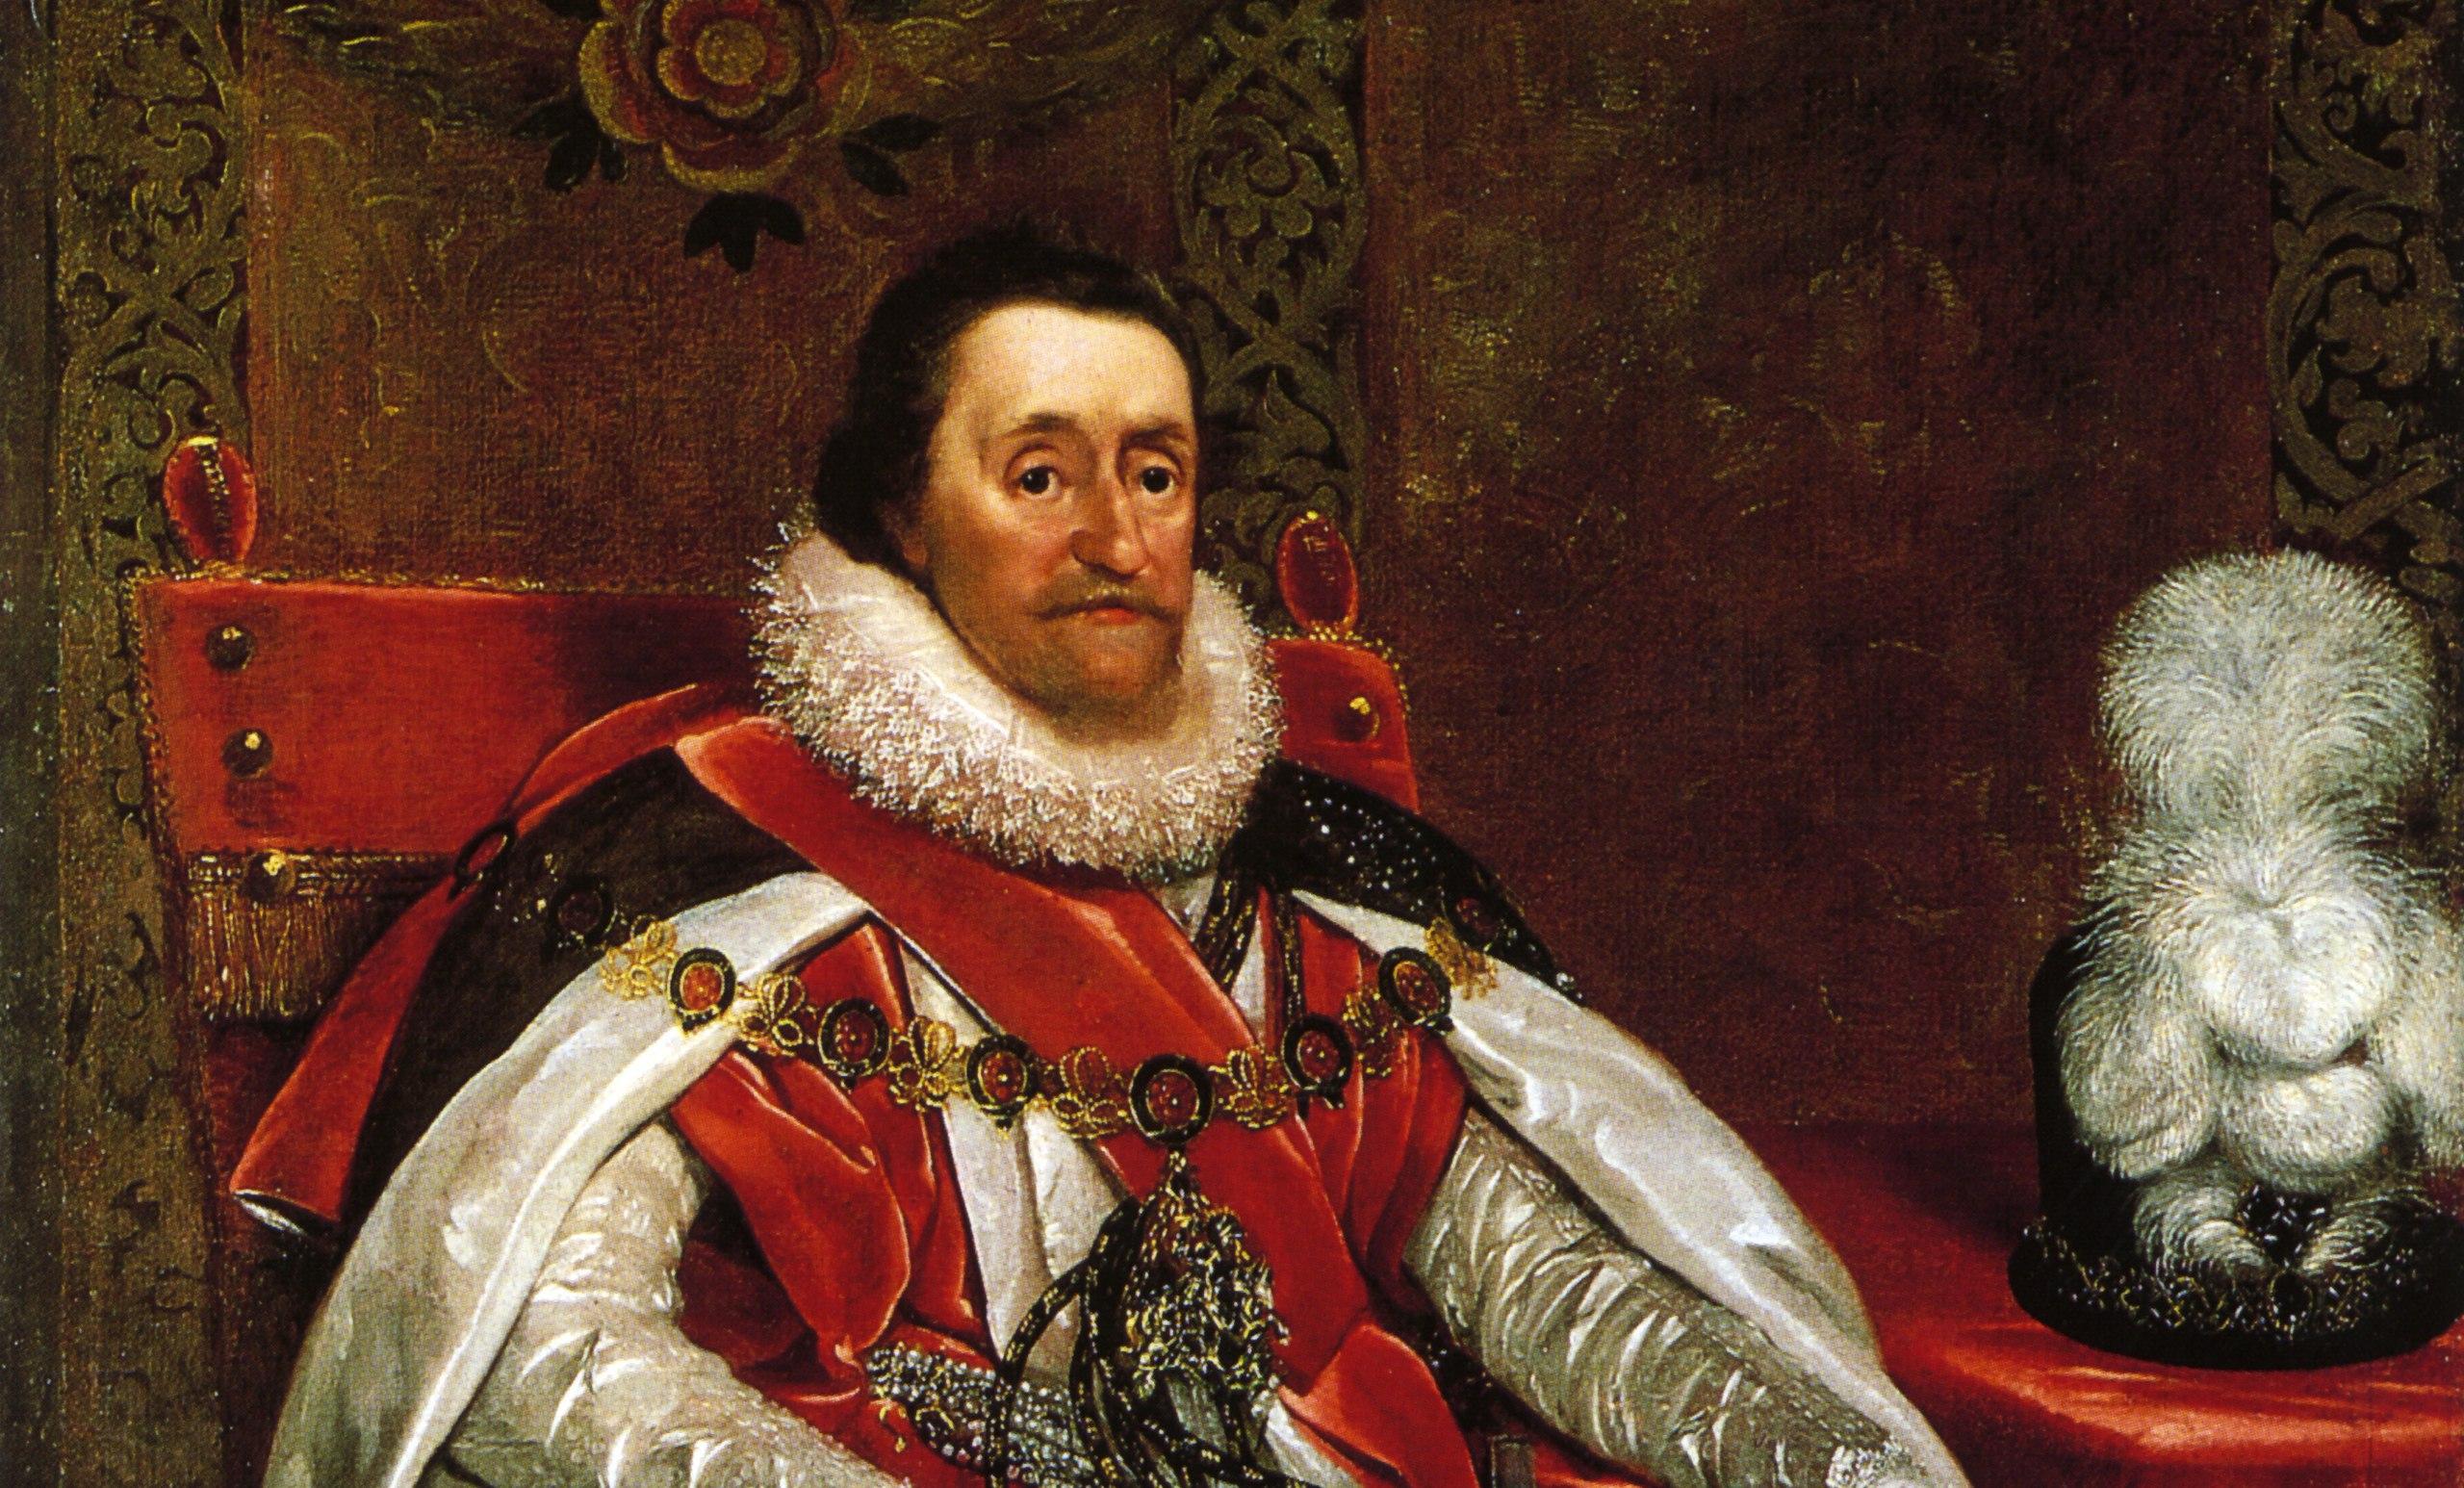 Лекция историка Зои Метлицкой «Династия Стюартов: Шотландия покорила Англию?» (анонс)